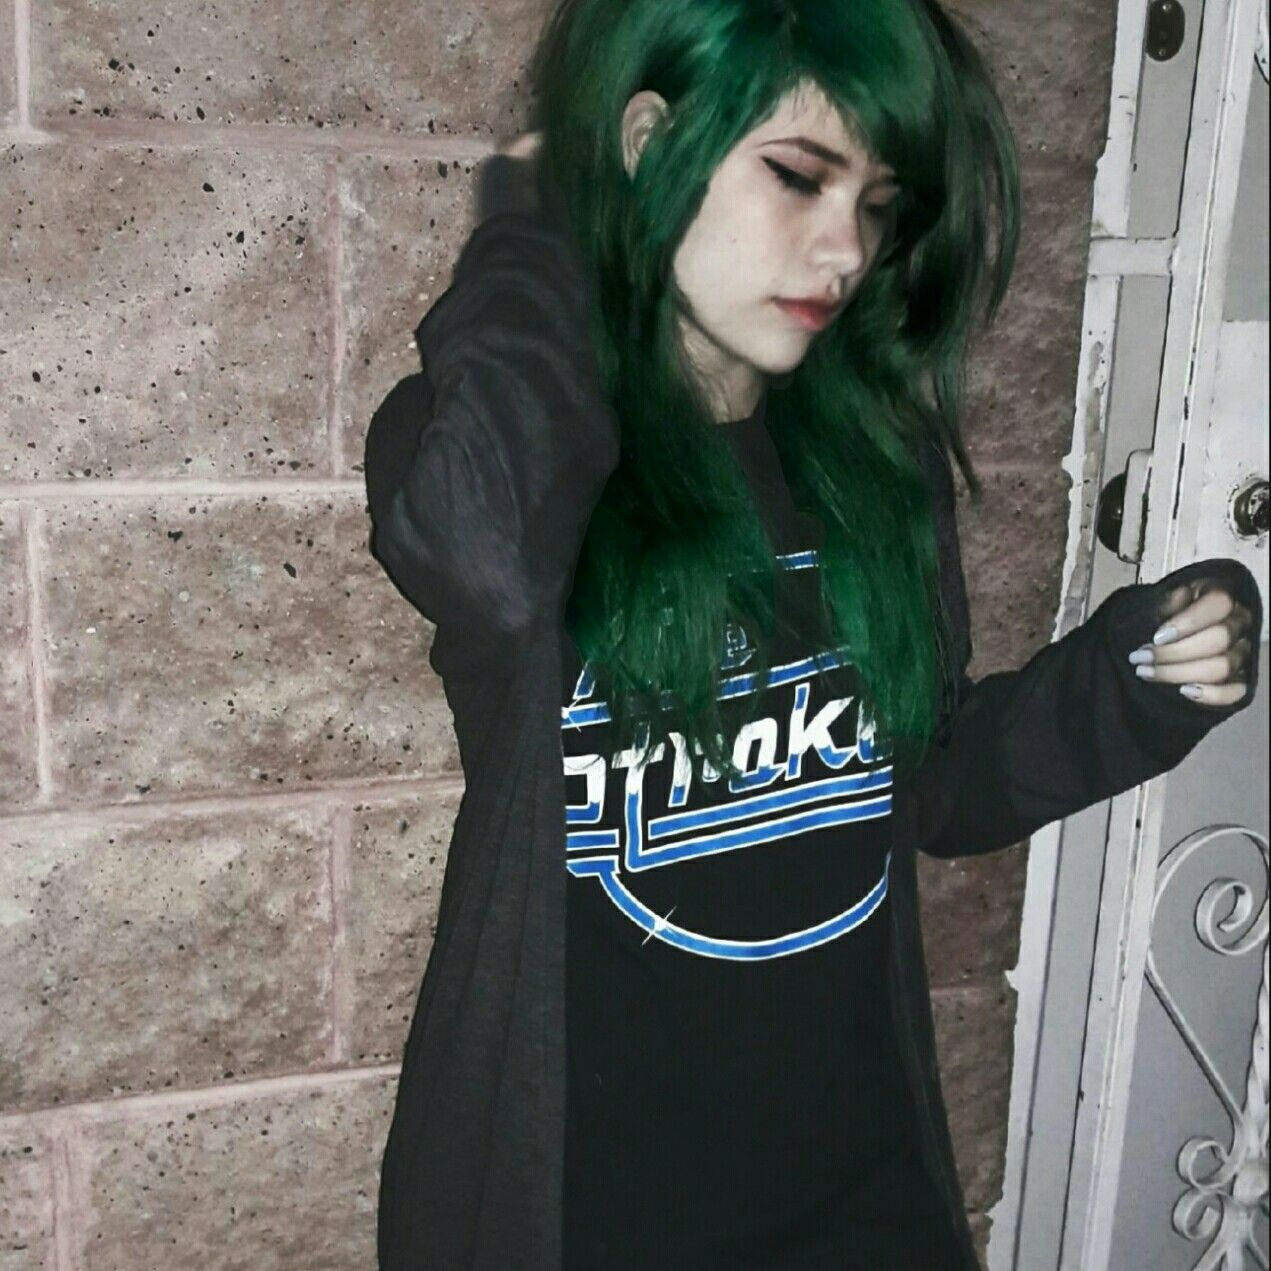 Green Hair Grunge Tumblr